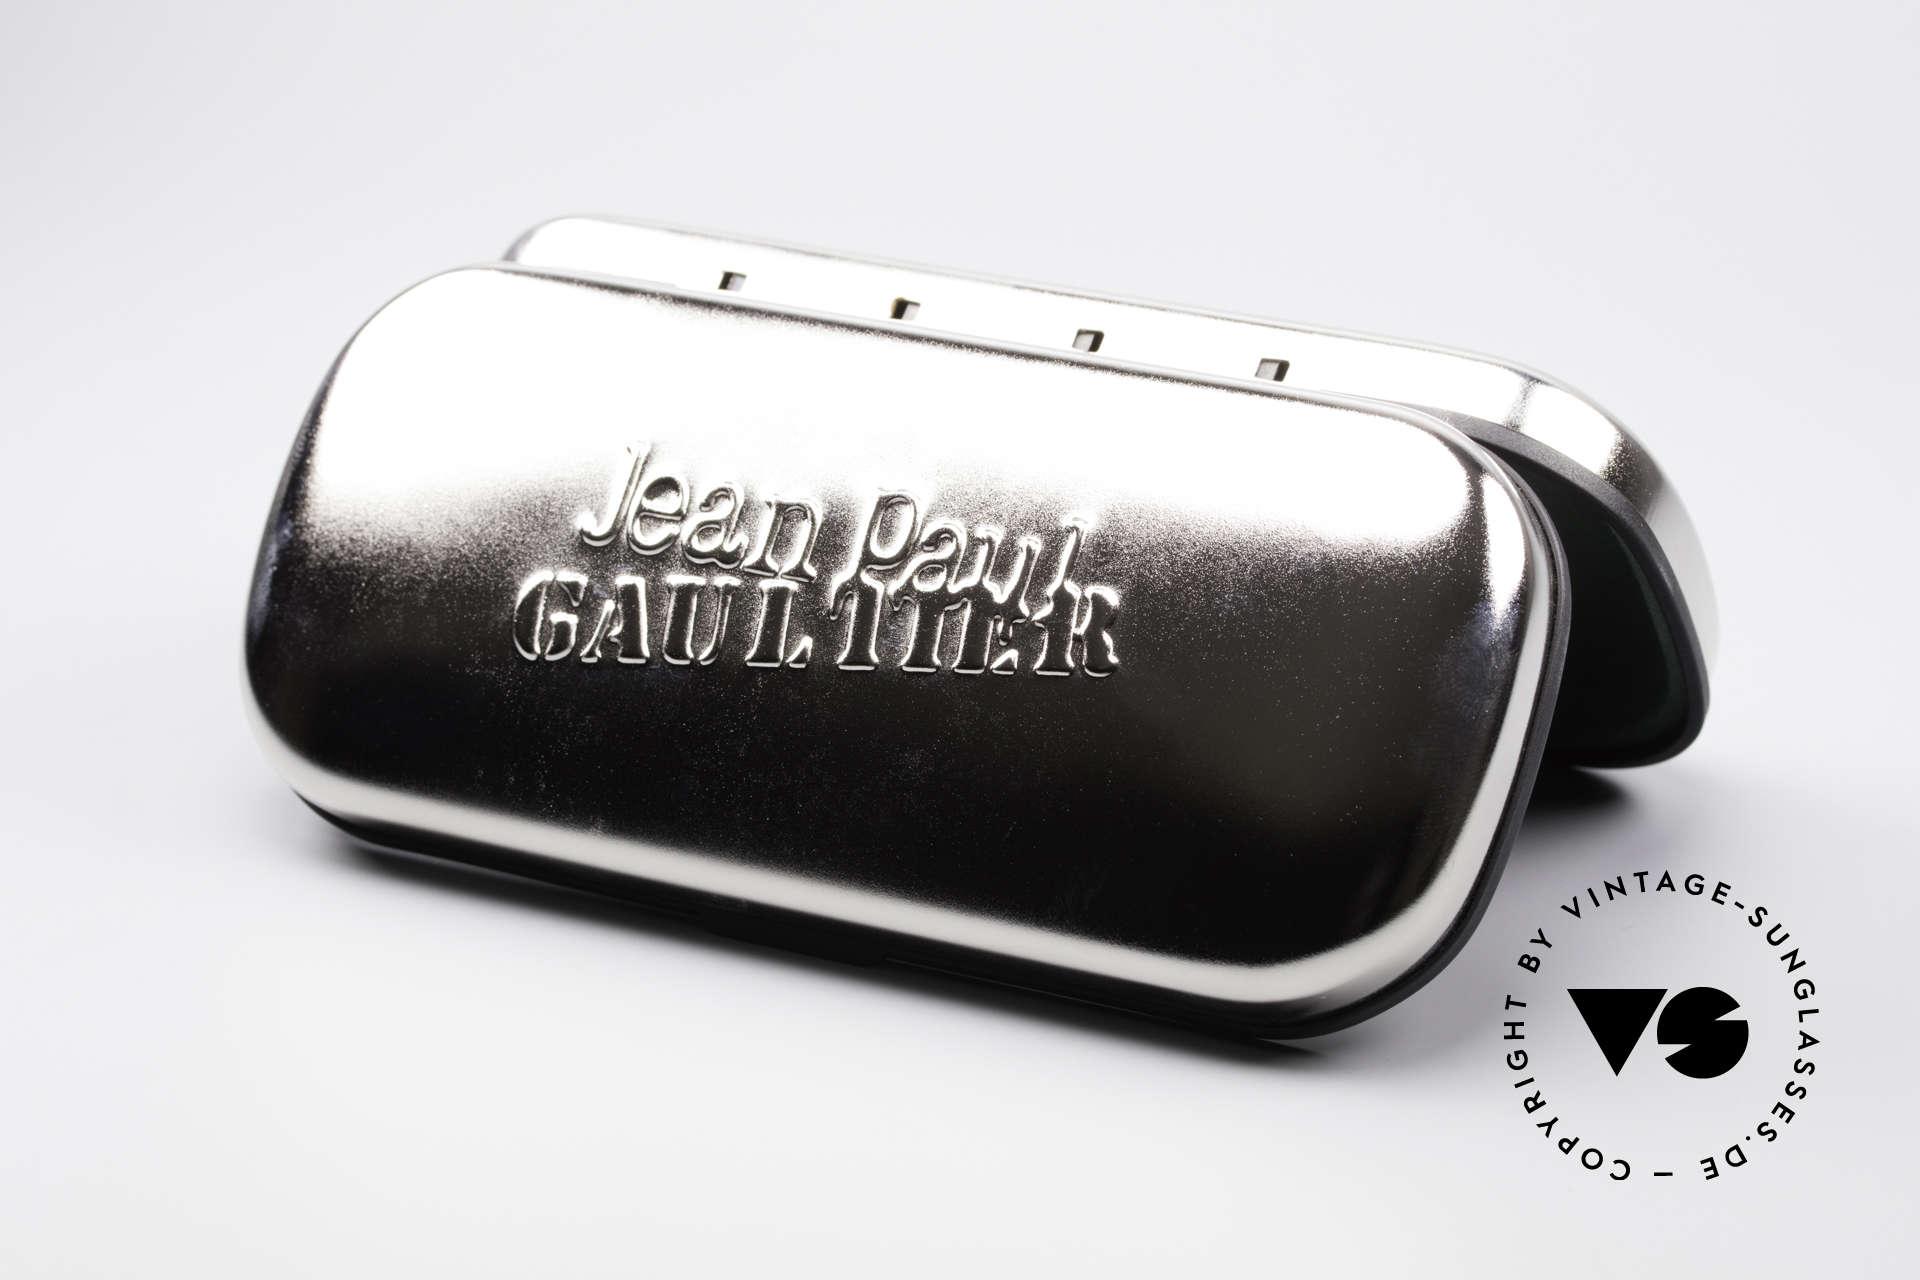 Jean Paul Gaultier 10 Cases Alte Original Gaultier Etuis, der Preis von 299 Euro gilt für alle 10 JPG Etuis, Passend für Herren und Damen